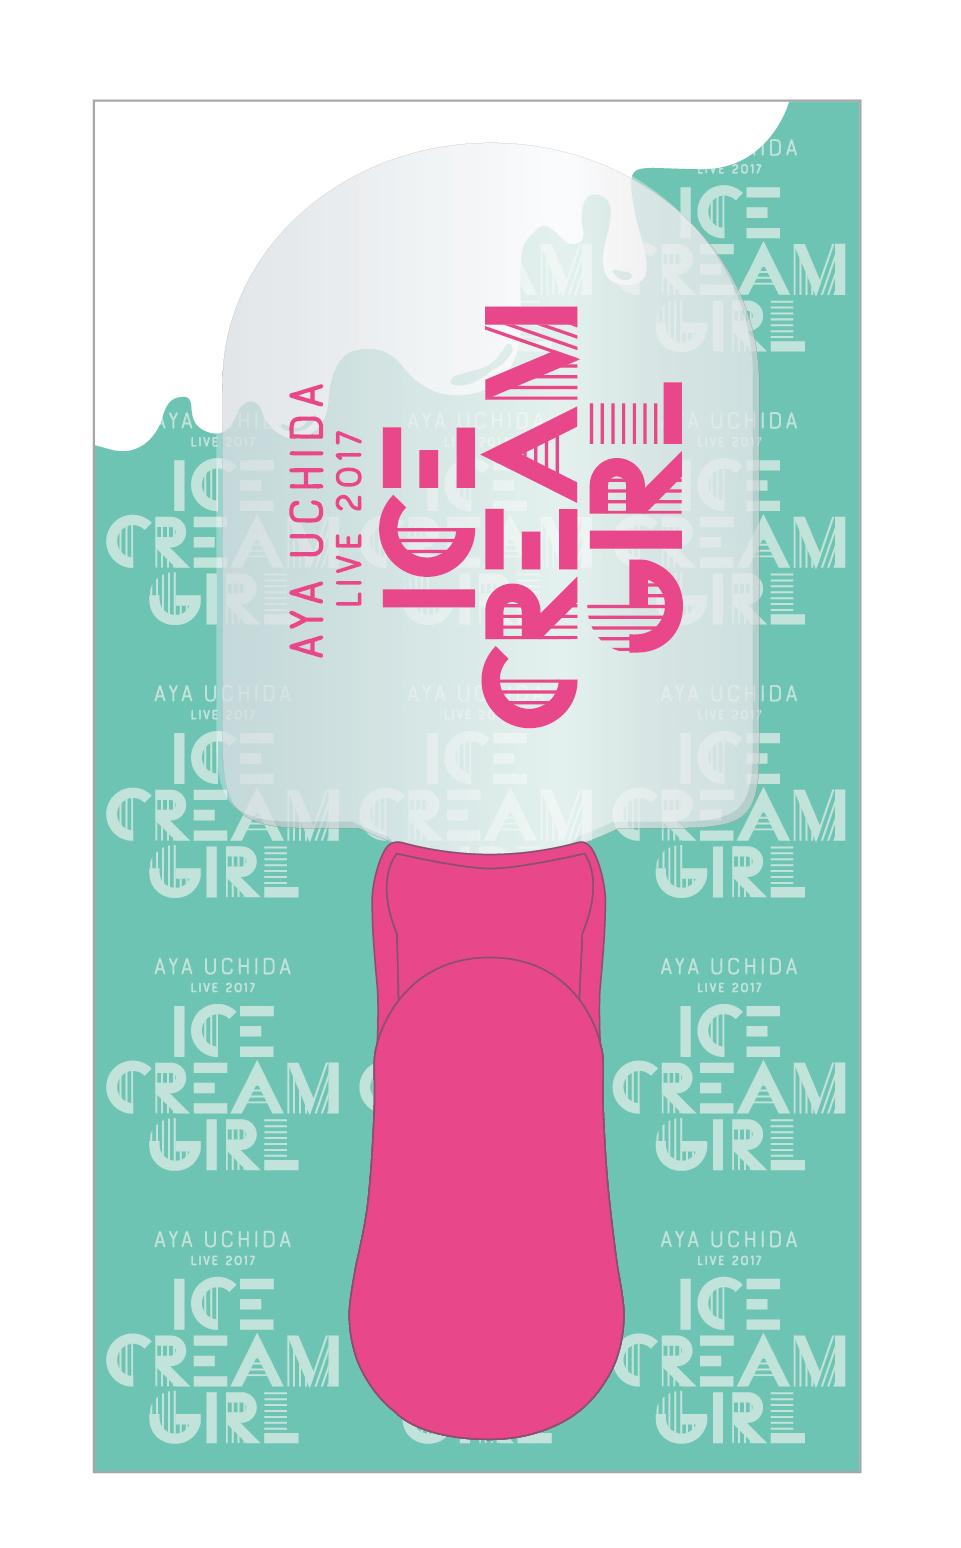 AYA UCHIDA LIVE2017 ICECREAM GIRL アクリルペンライト